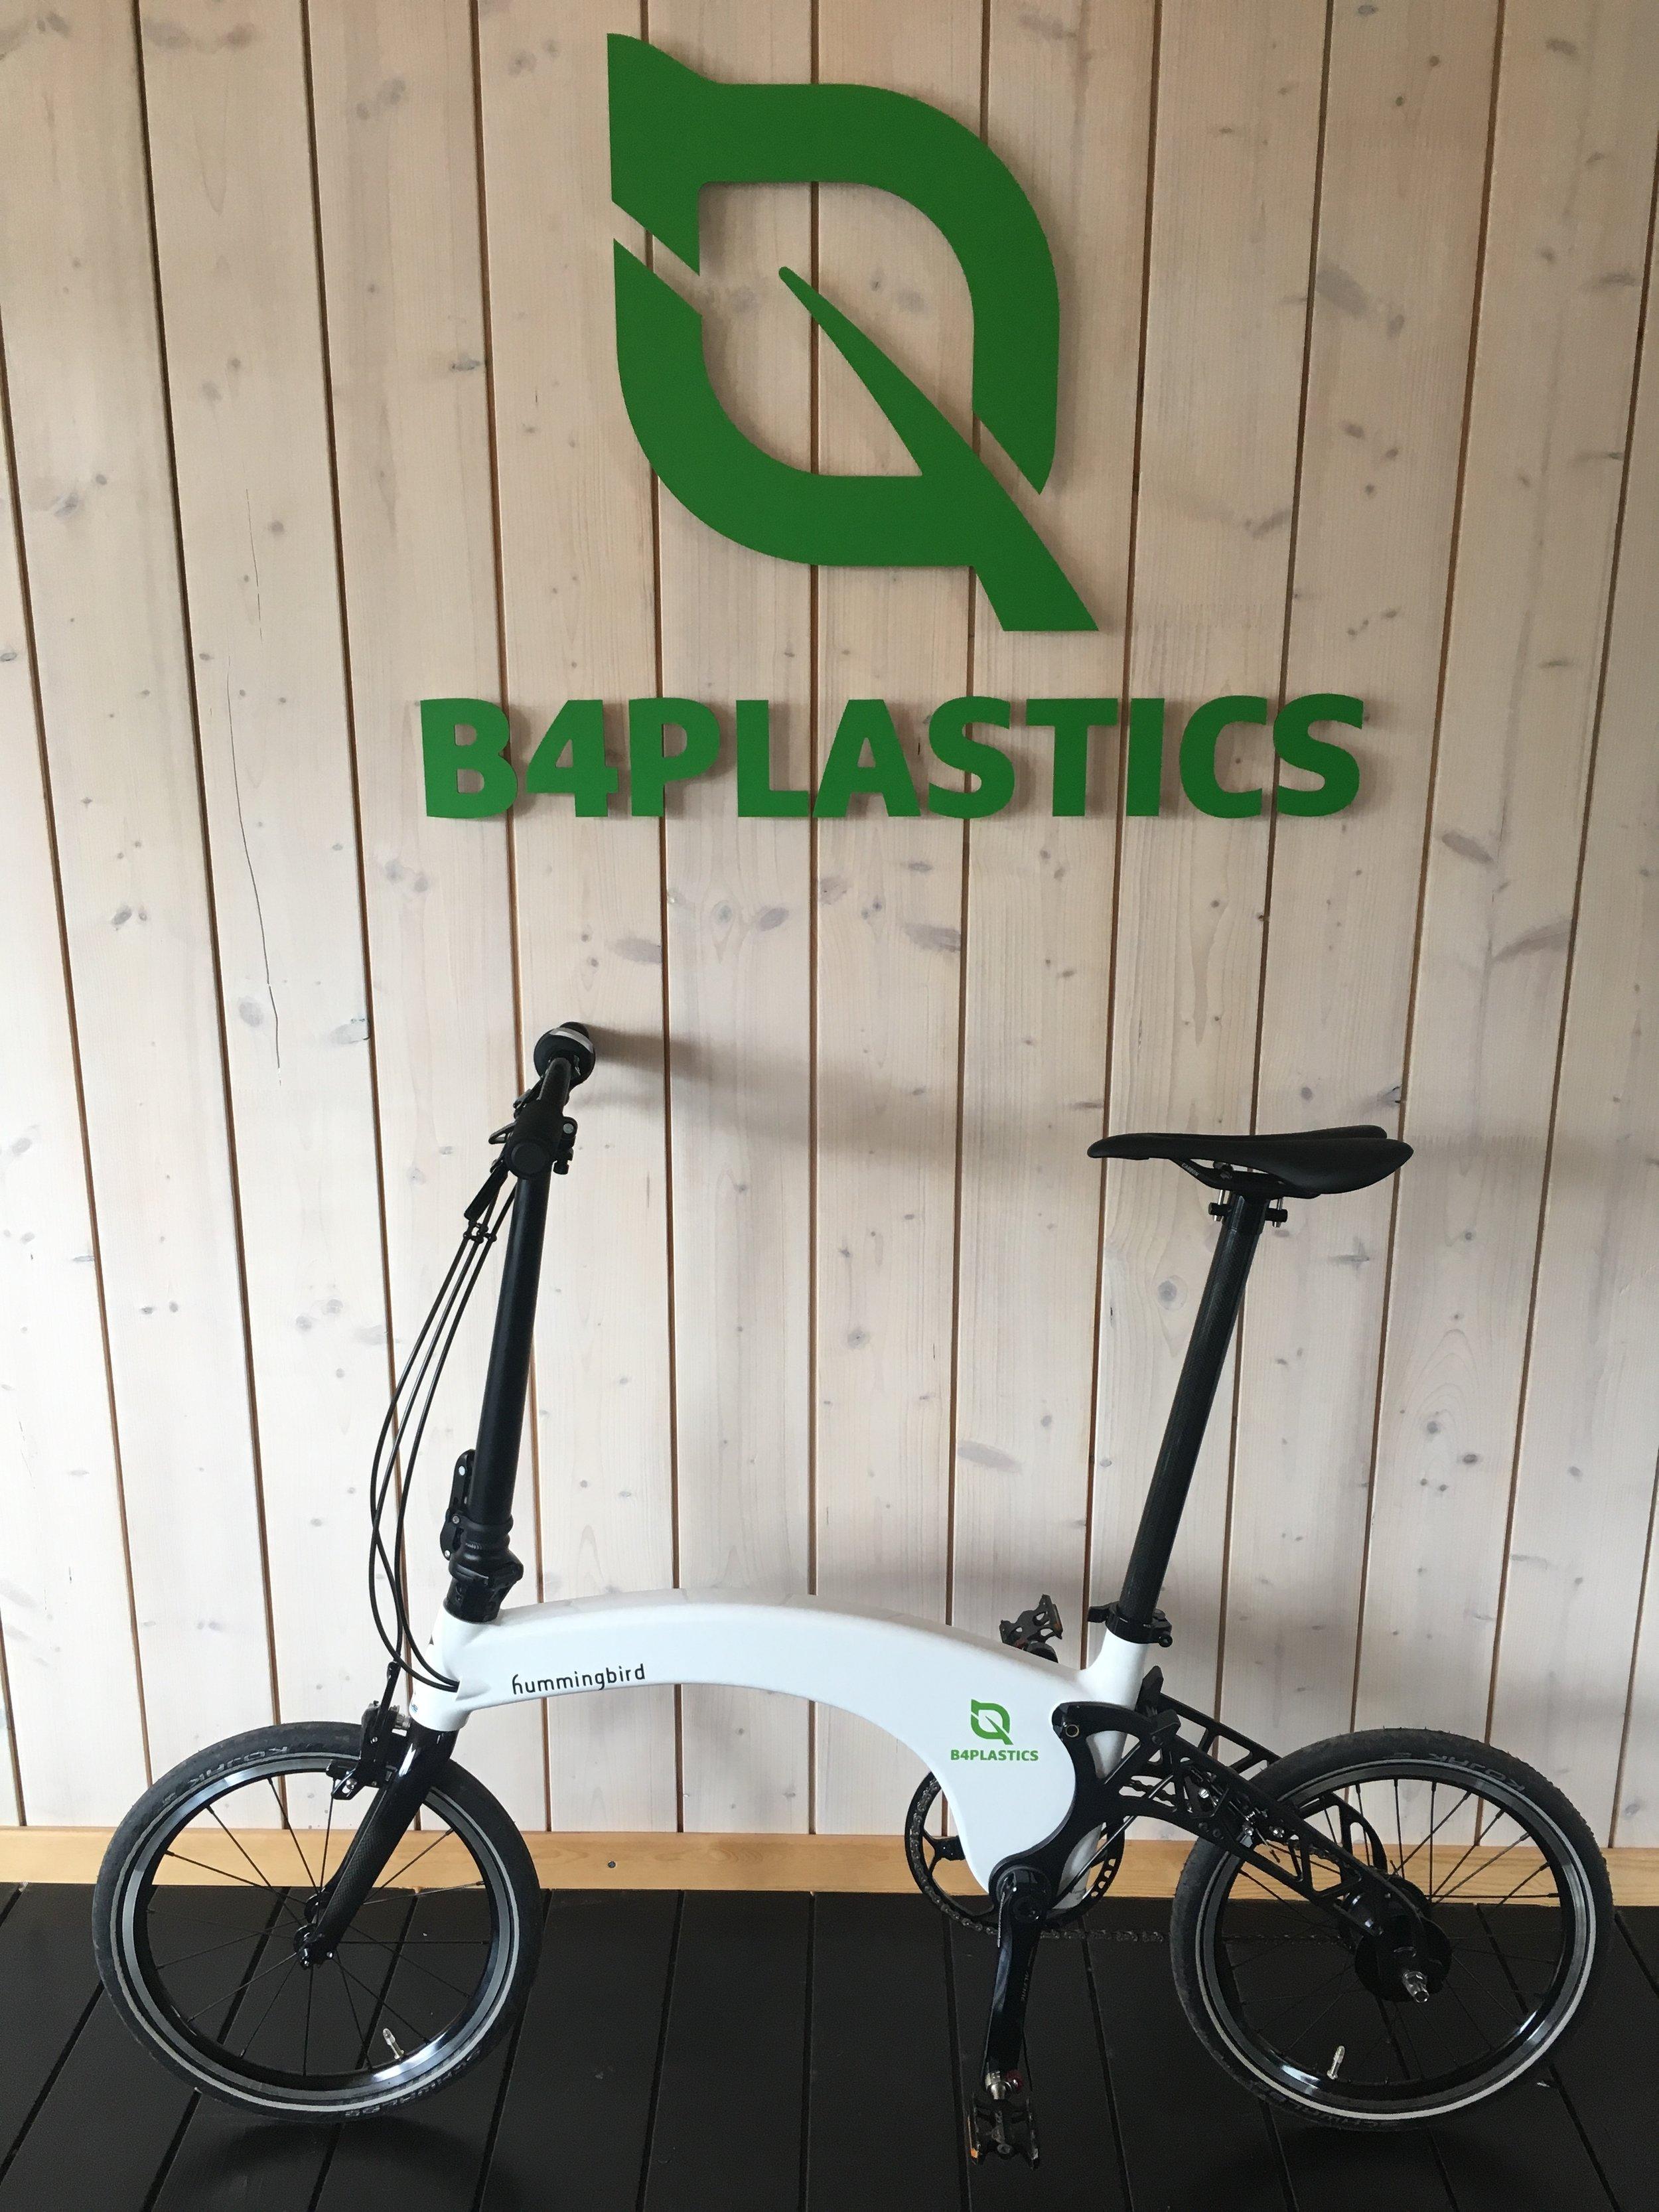 B4Plastics new Hummingbird Bike